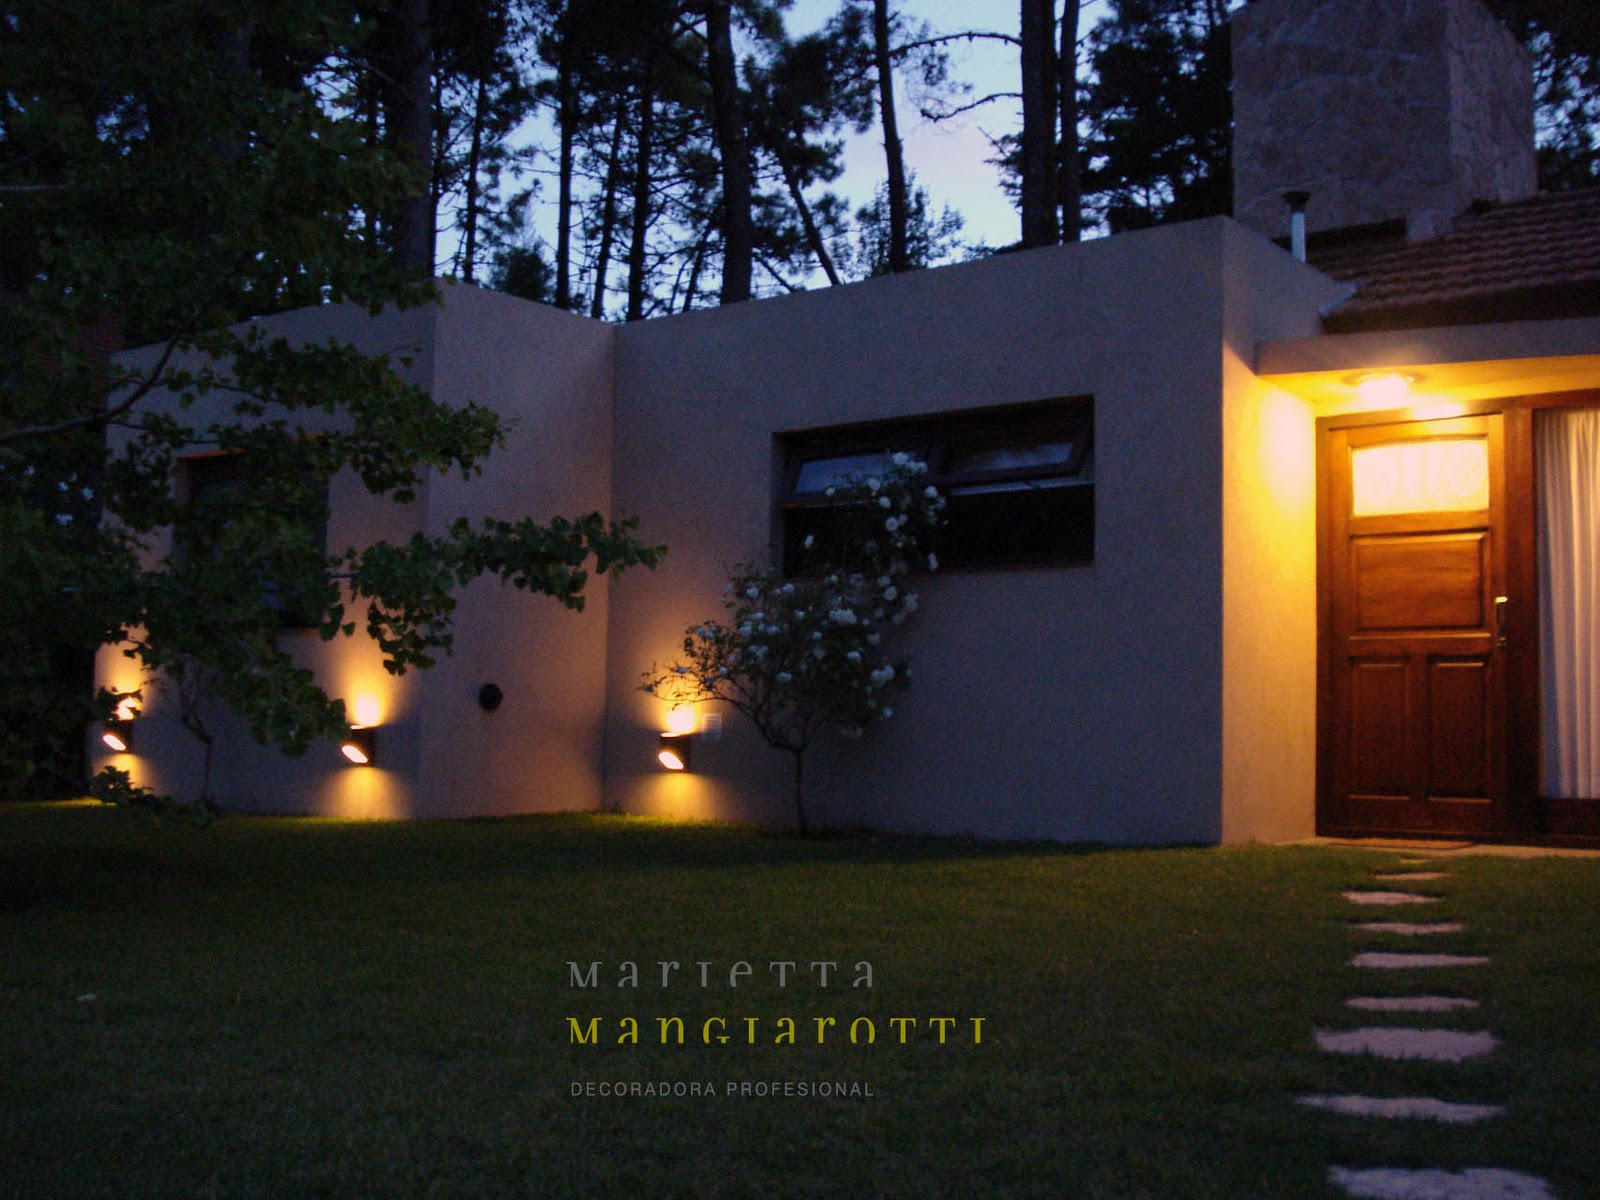 Iluminaci n exterior caril argentina marietta - Iluminacion de exterior ...